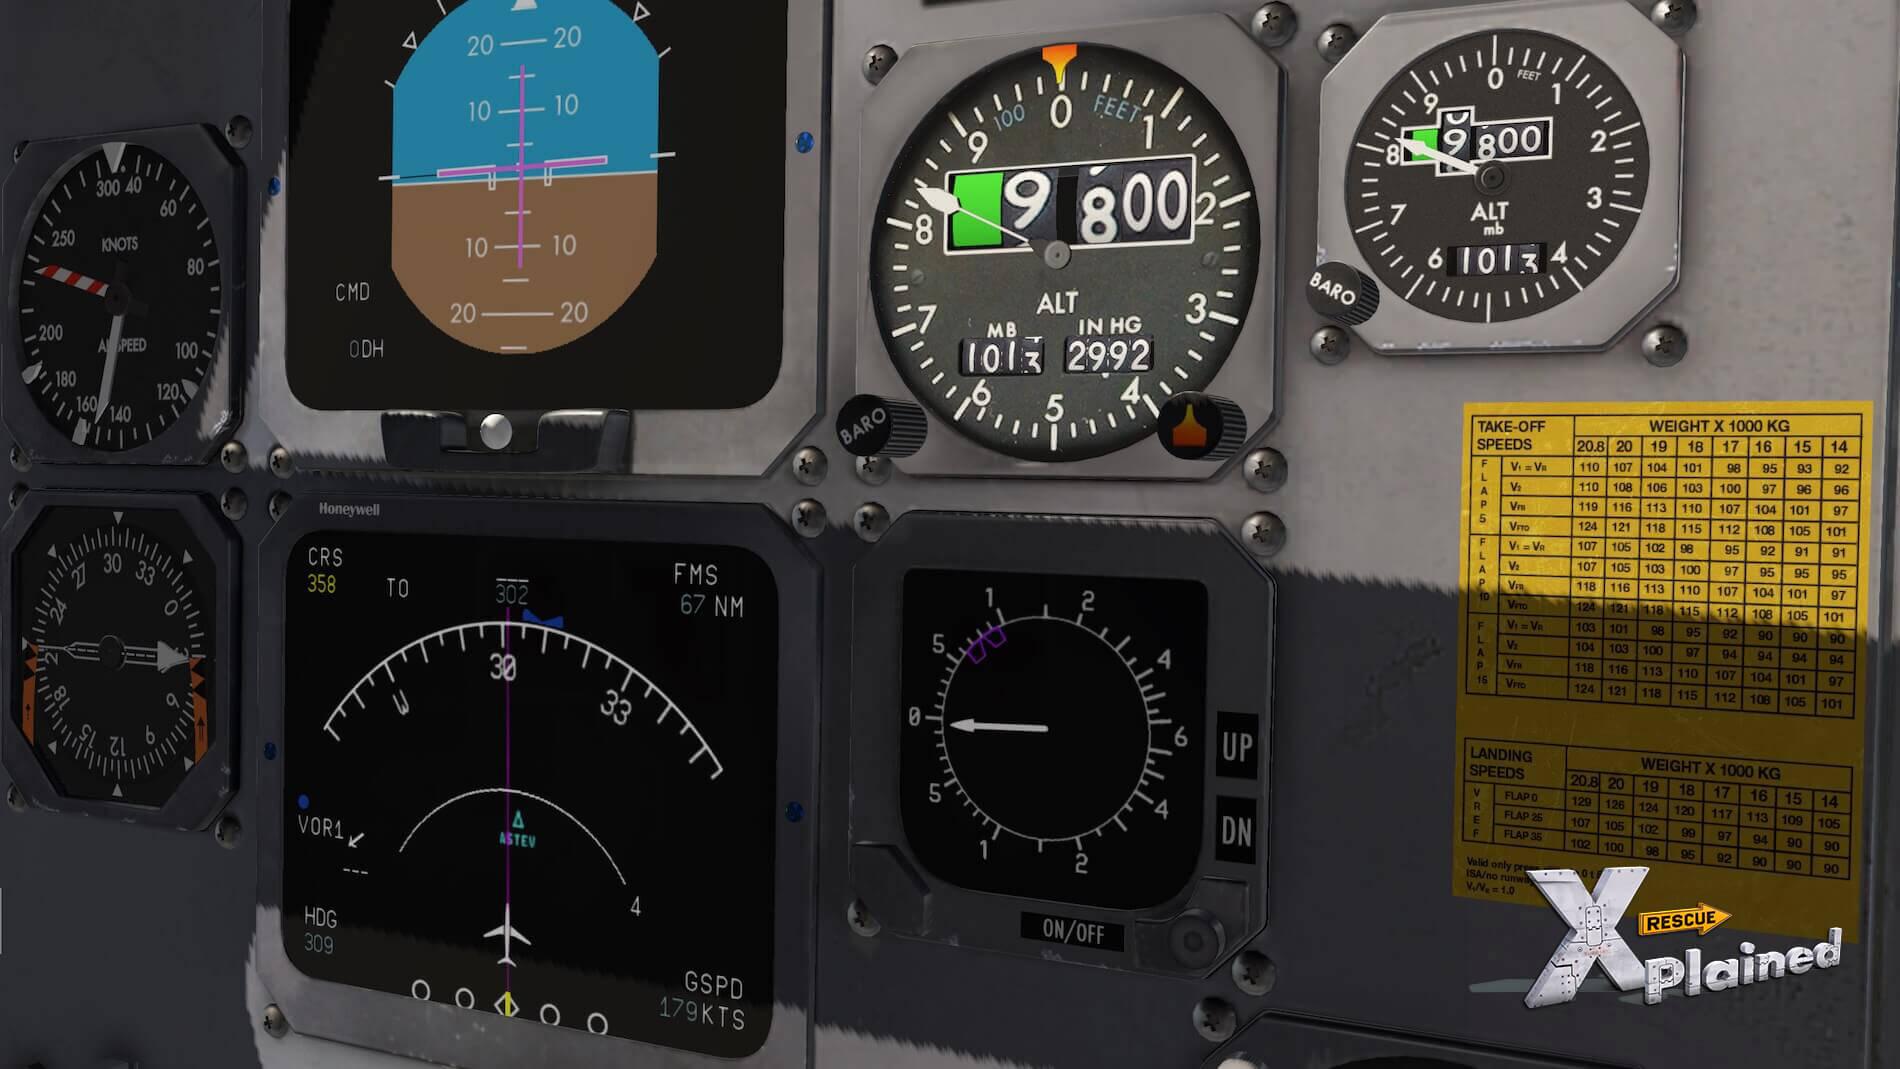 Impression-F50-Carenado-12